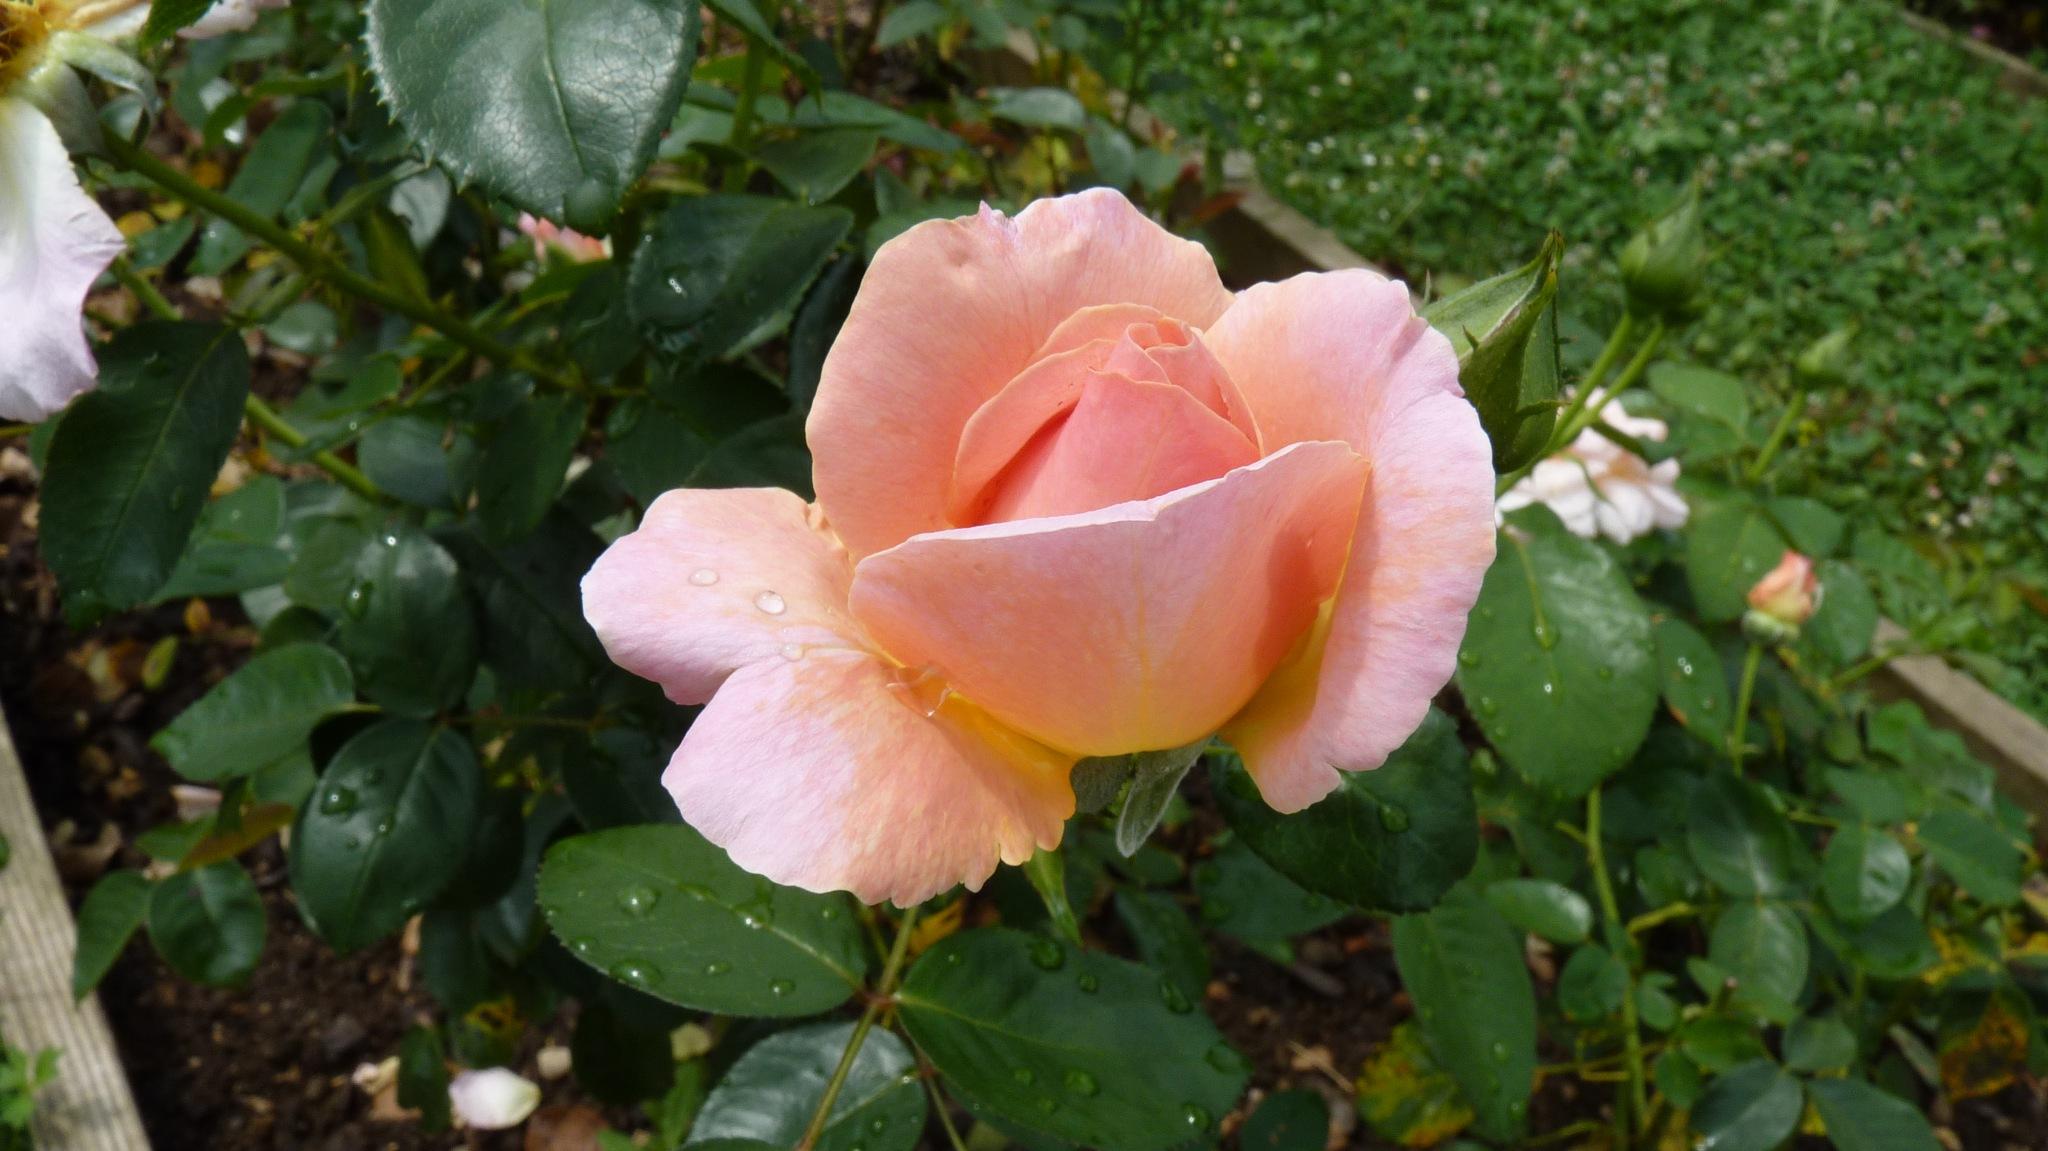 Vrtnica - Rose by zvnktomasevic